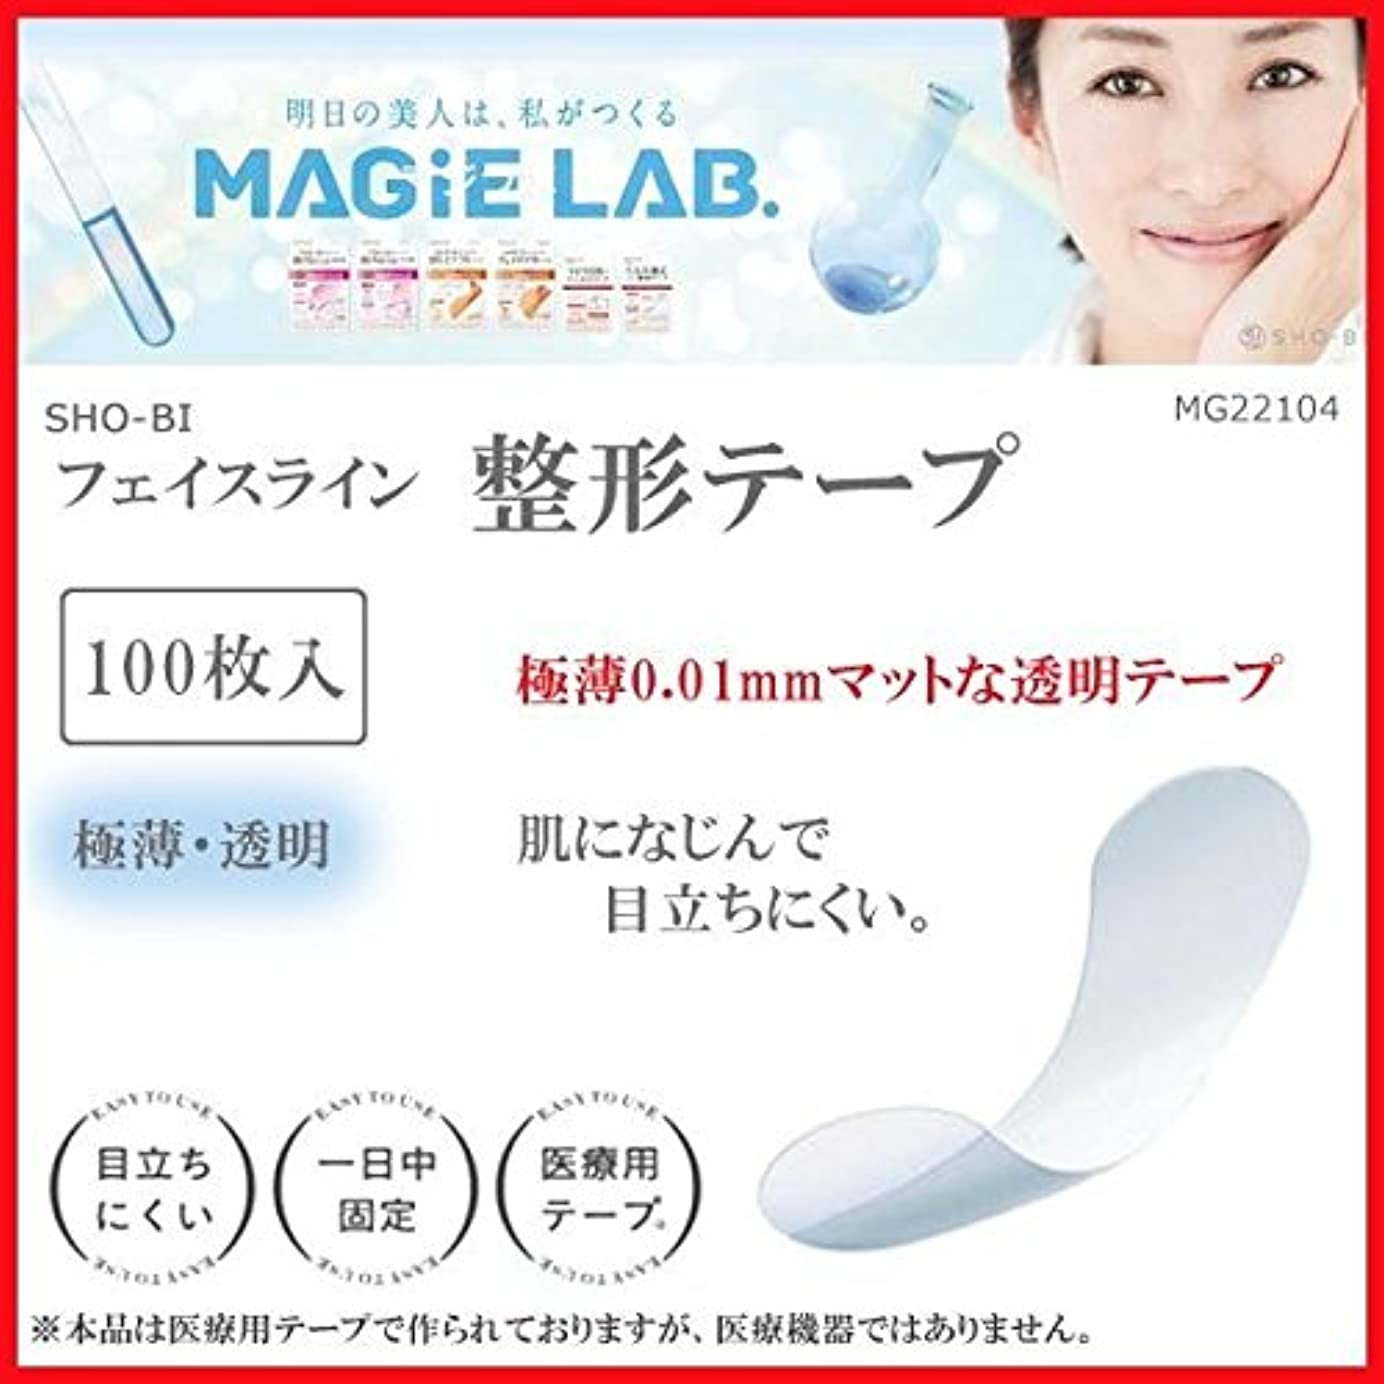 ニッケル重々しい効果的にSHO-BI MAGiE LAB.(マジラボ) フェイスライン整形テープ 100枚入 MG22104